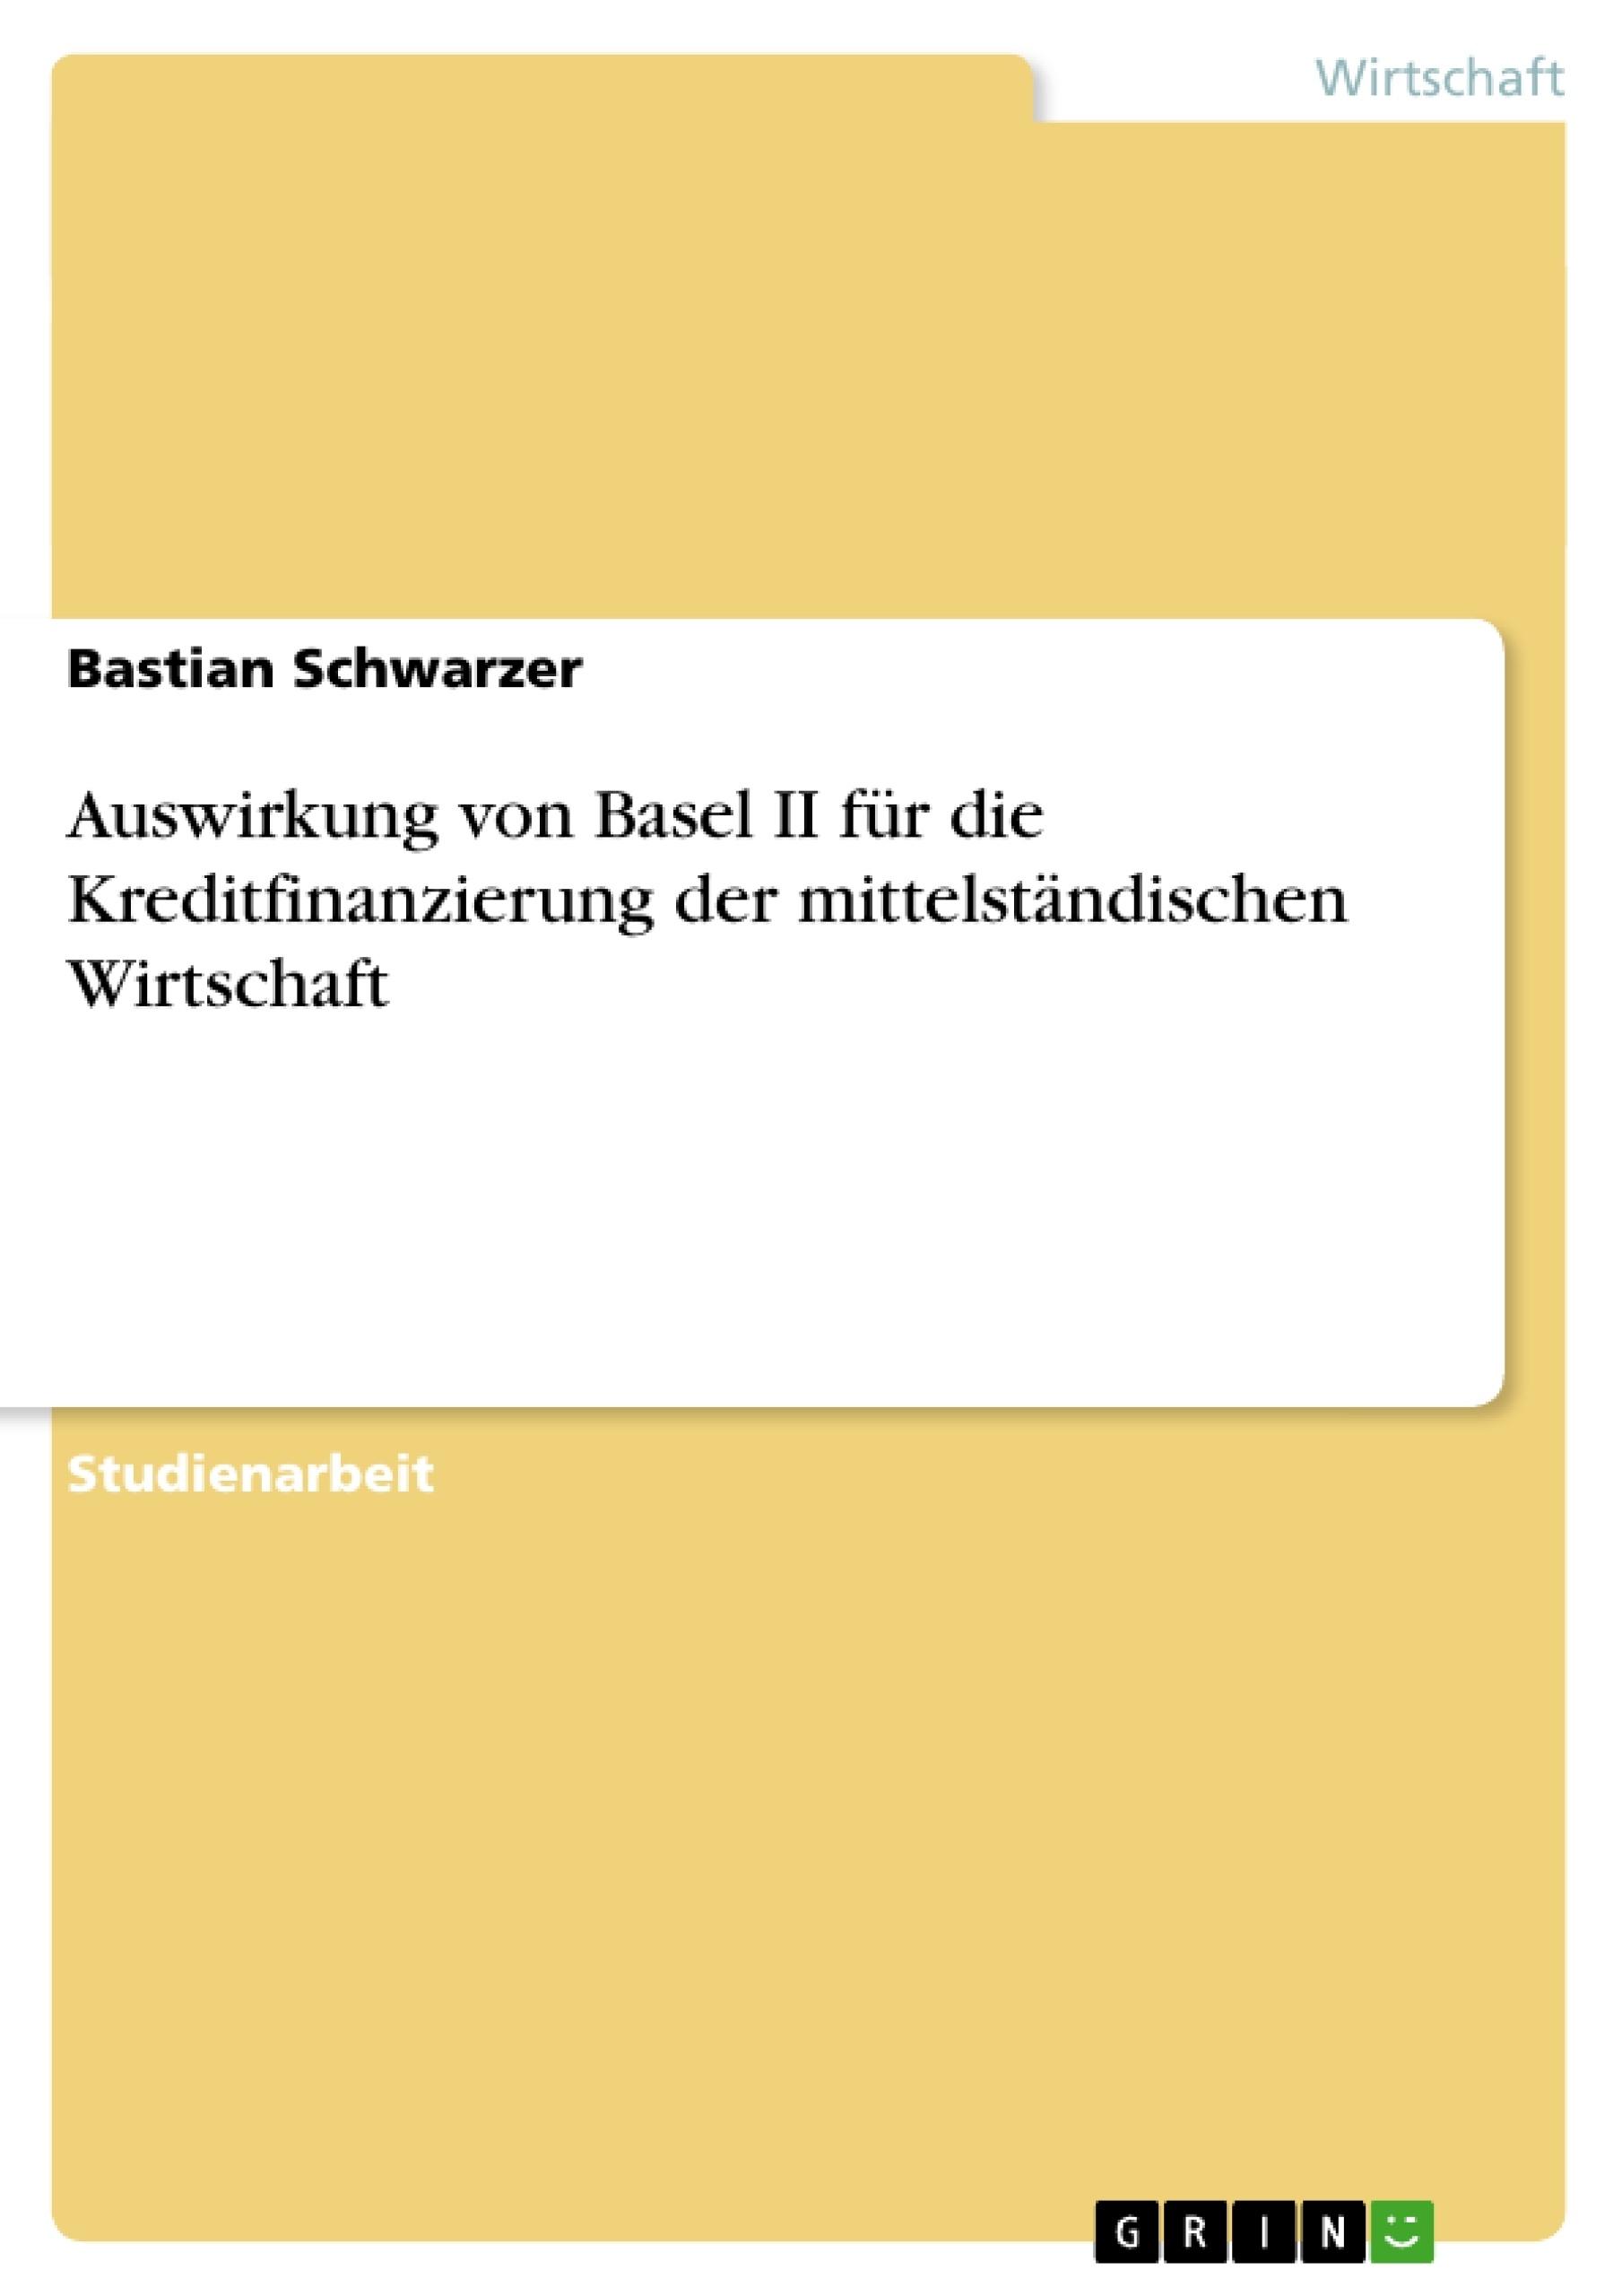 Titel: Auswirkung von Basel II  für die Kreditfinanzierung der mittelständischen Wirtschaft